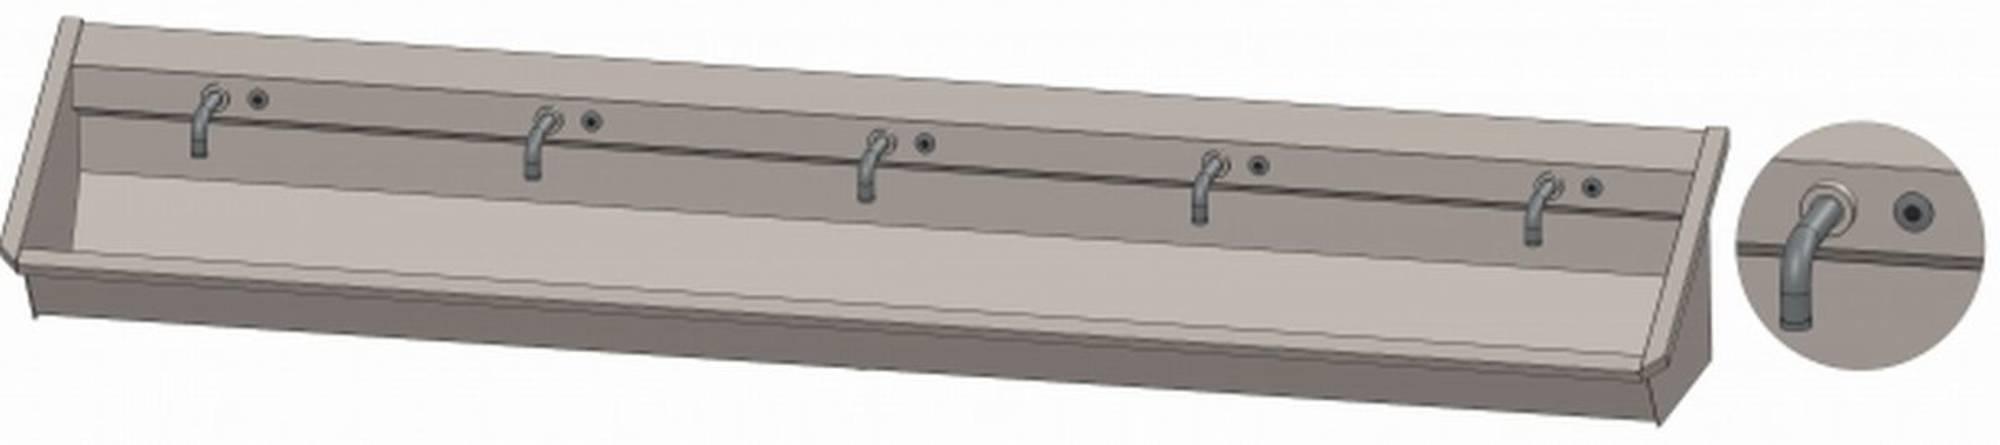 INTERSAN SANILAV wasgoot 300 cm. met 5 electronische kranen INOX 304 (105M13)